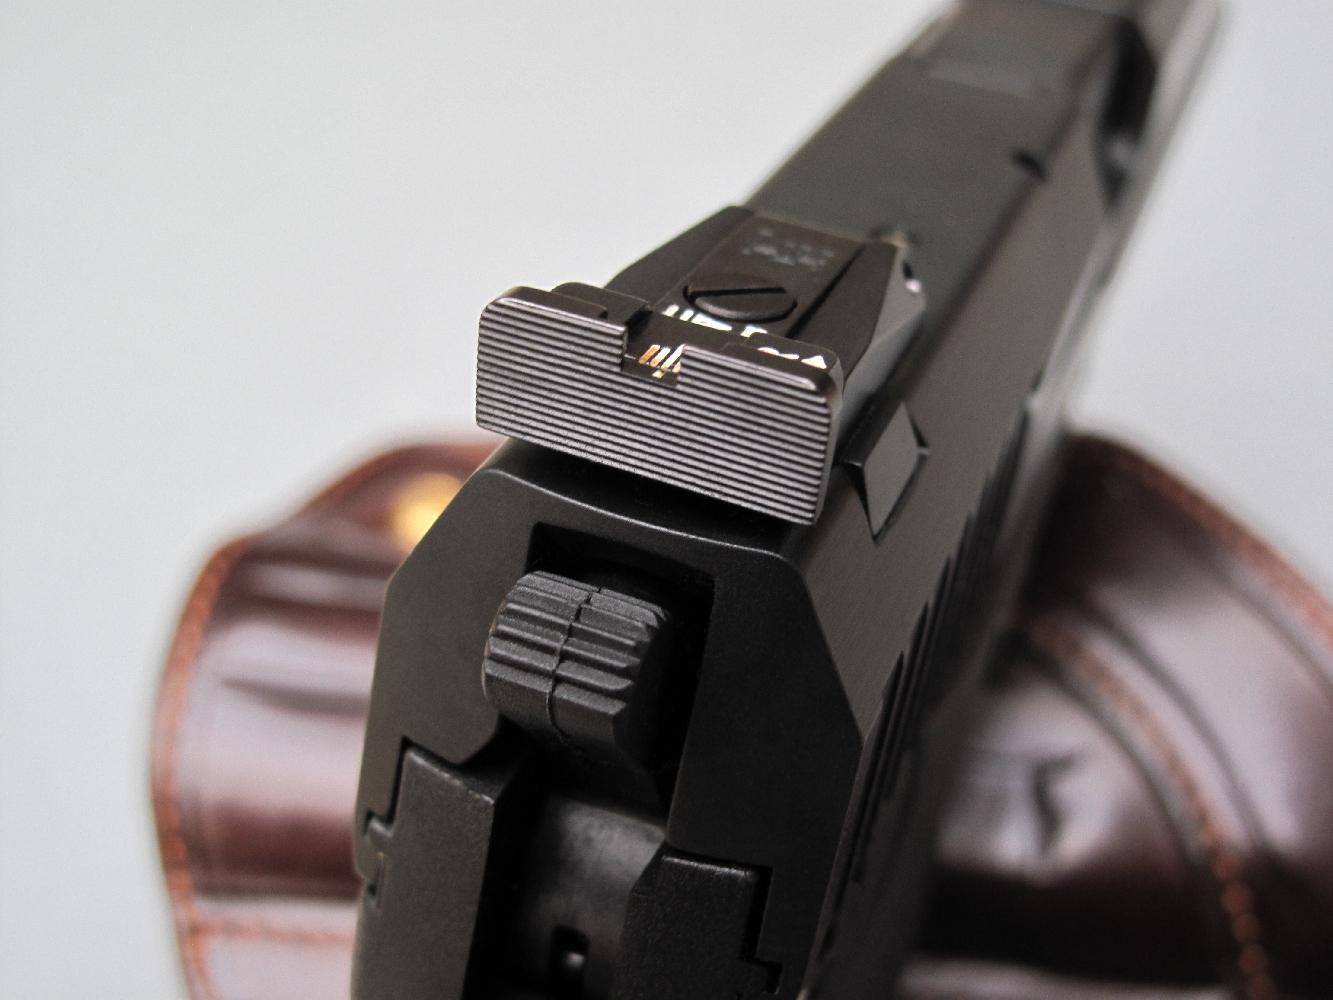 Le modèle USP Custom Sport dispose d'une hausse micrométrique, réglable en site et en azimut, qui présente une large visière rainurée afin d'éviter les reflets parasites.